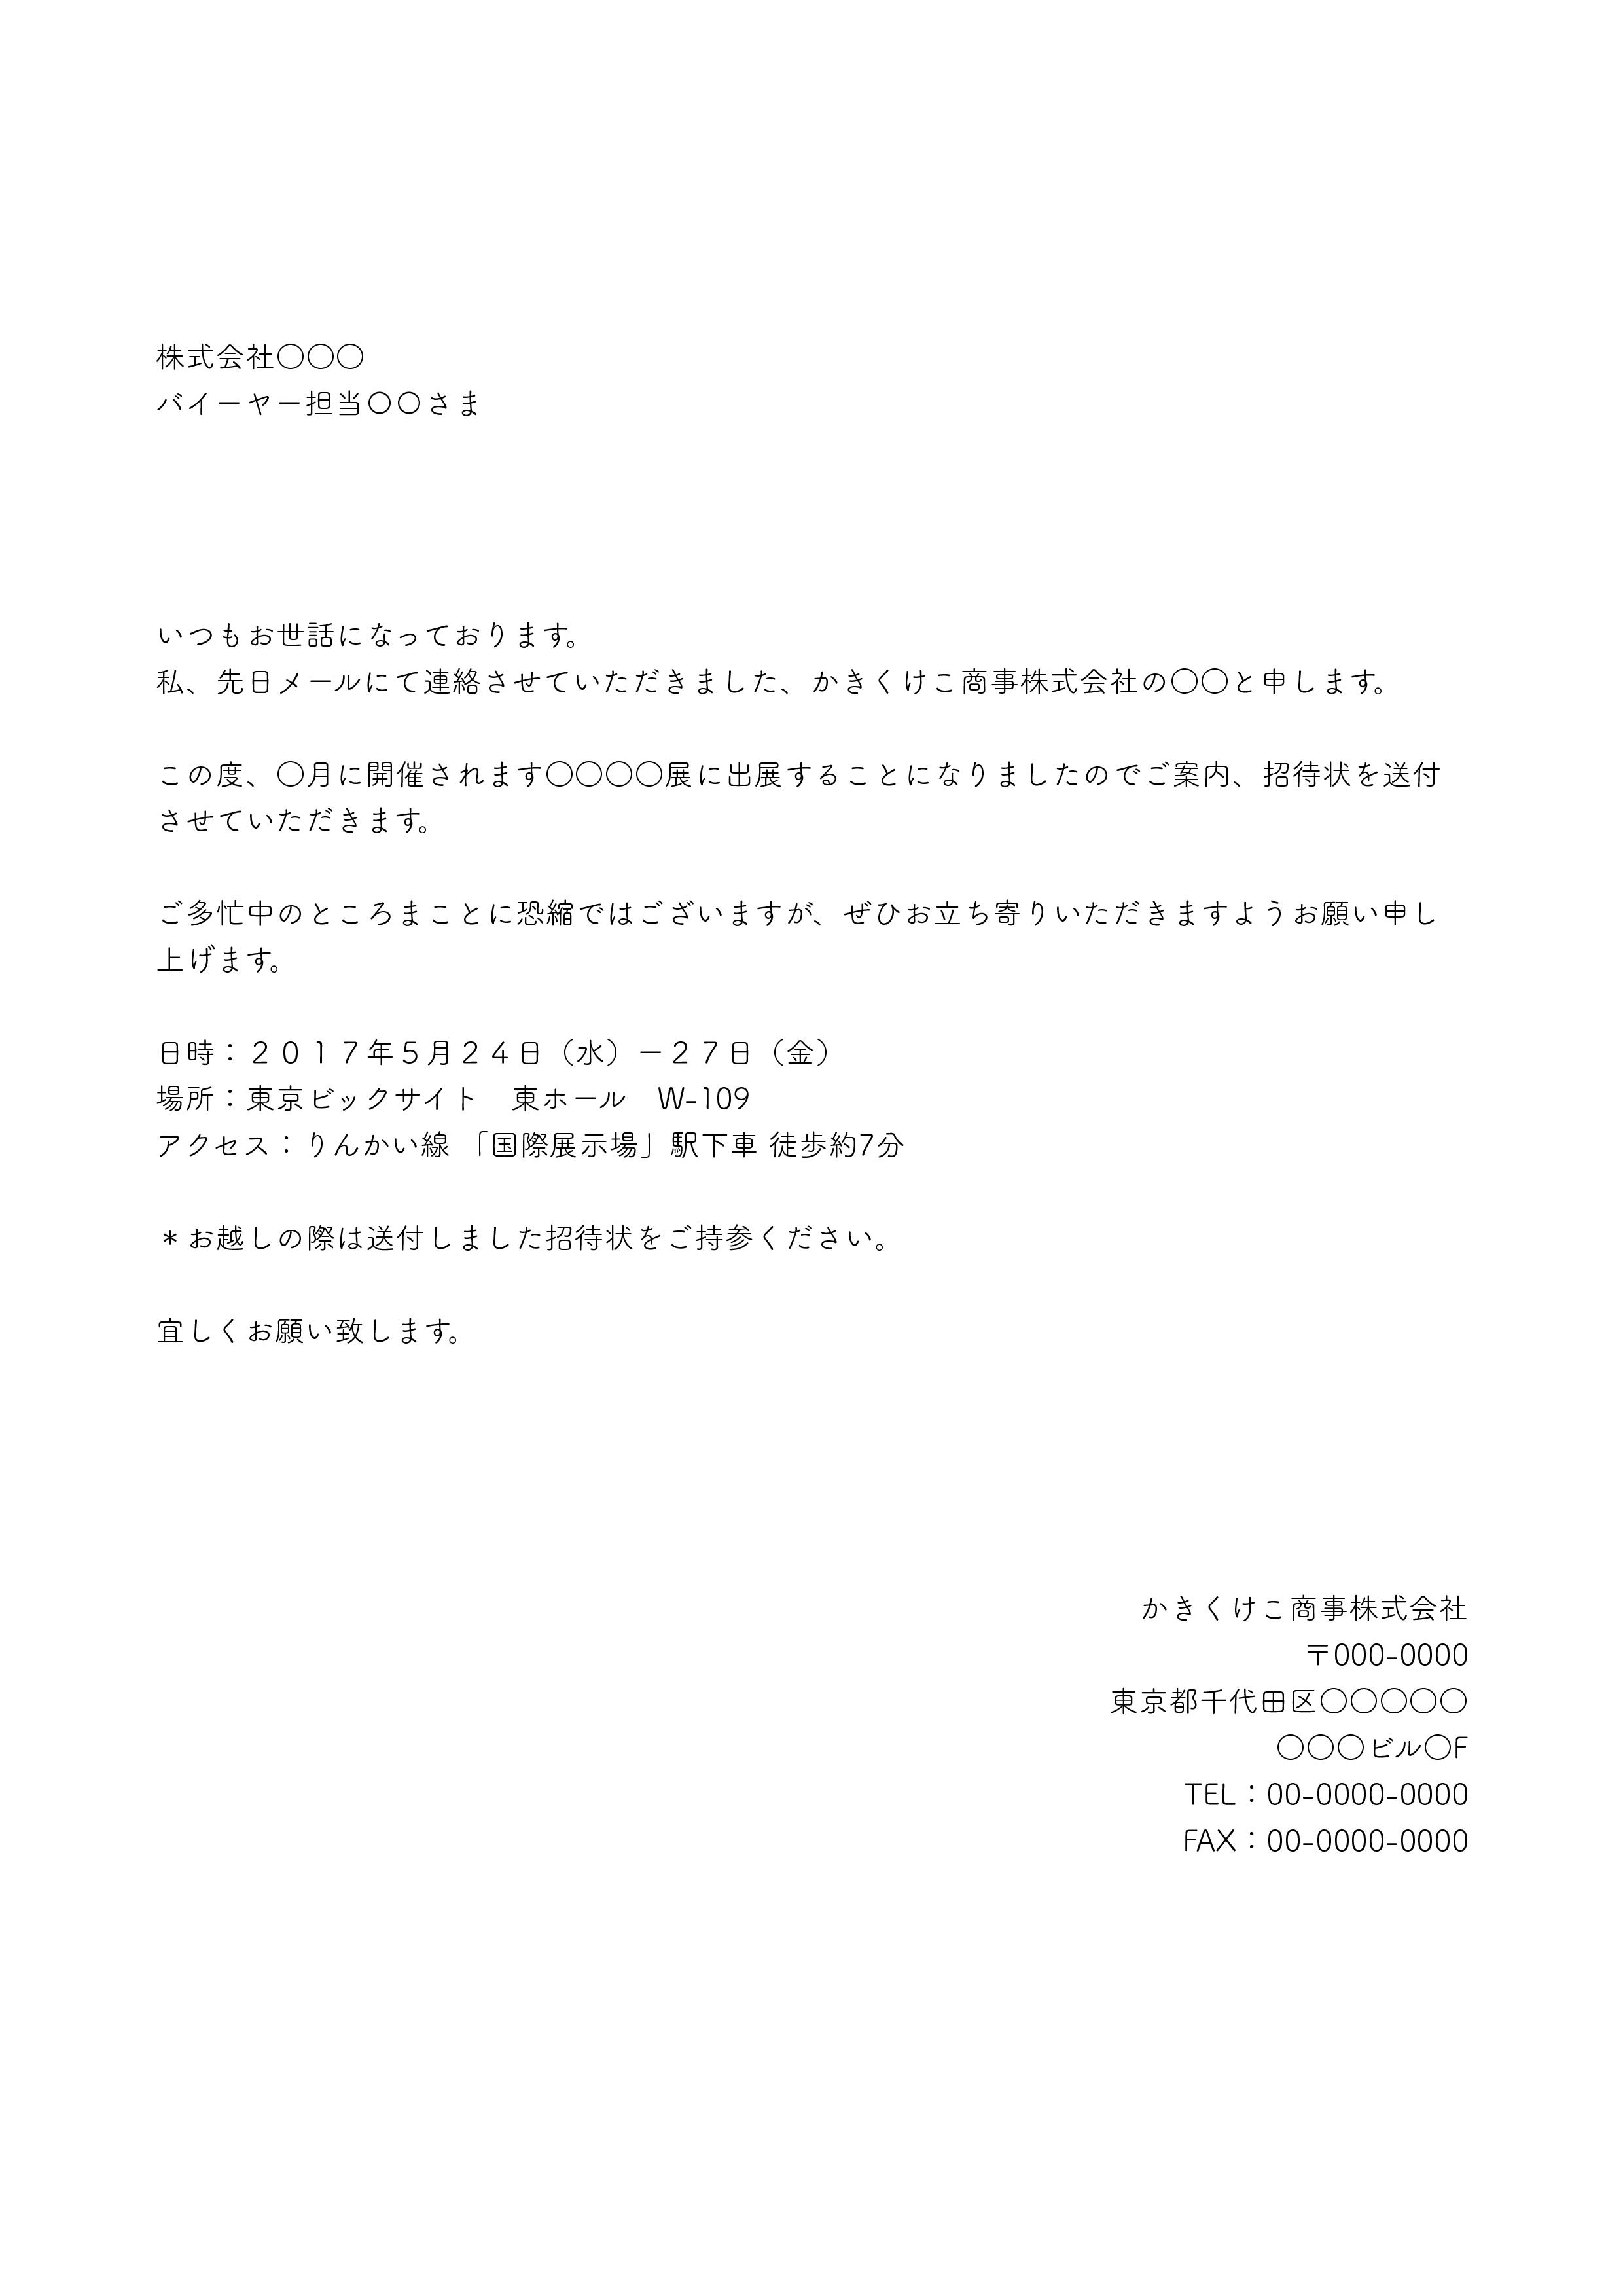 展示会の招待状【新規向け】カジュアルスタイル テンプレート A4(ワード、ページズ)